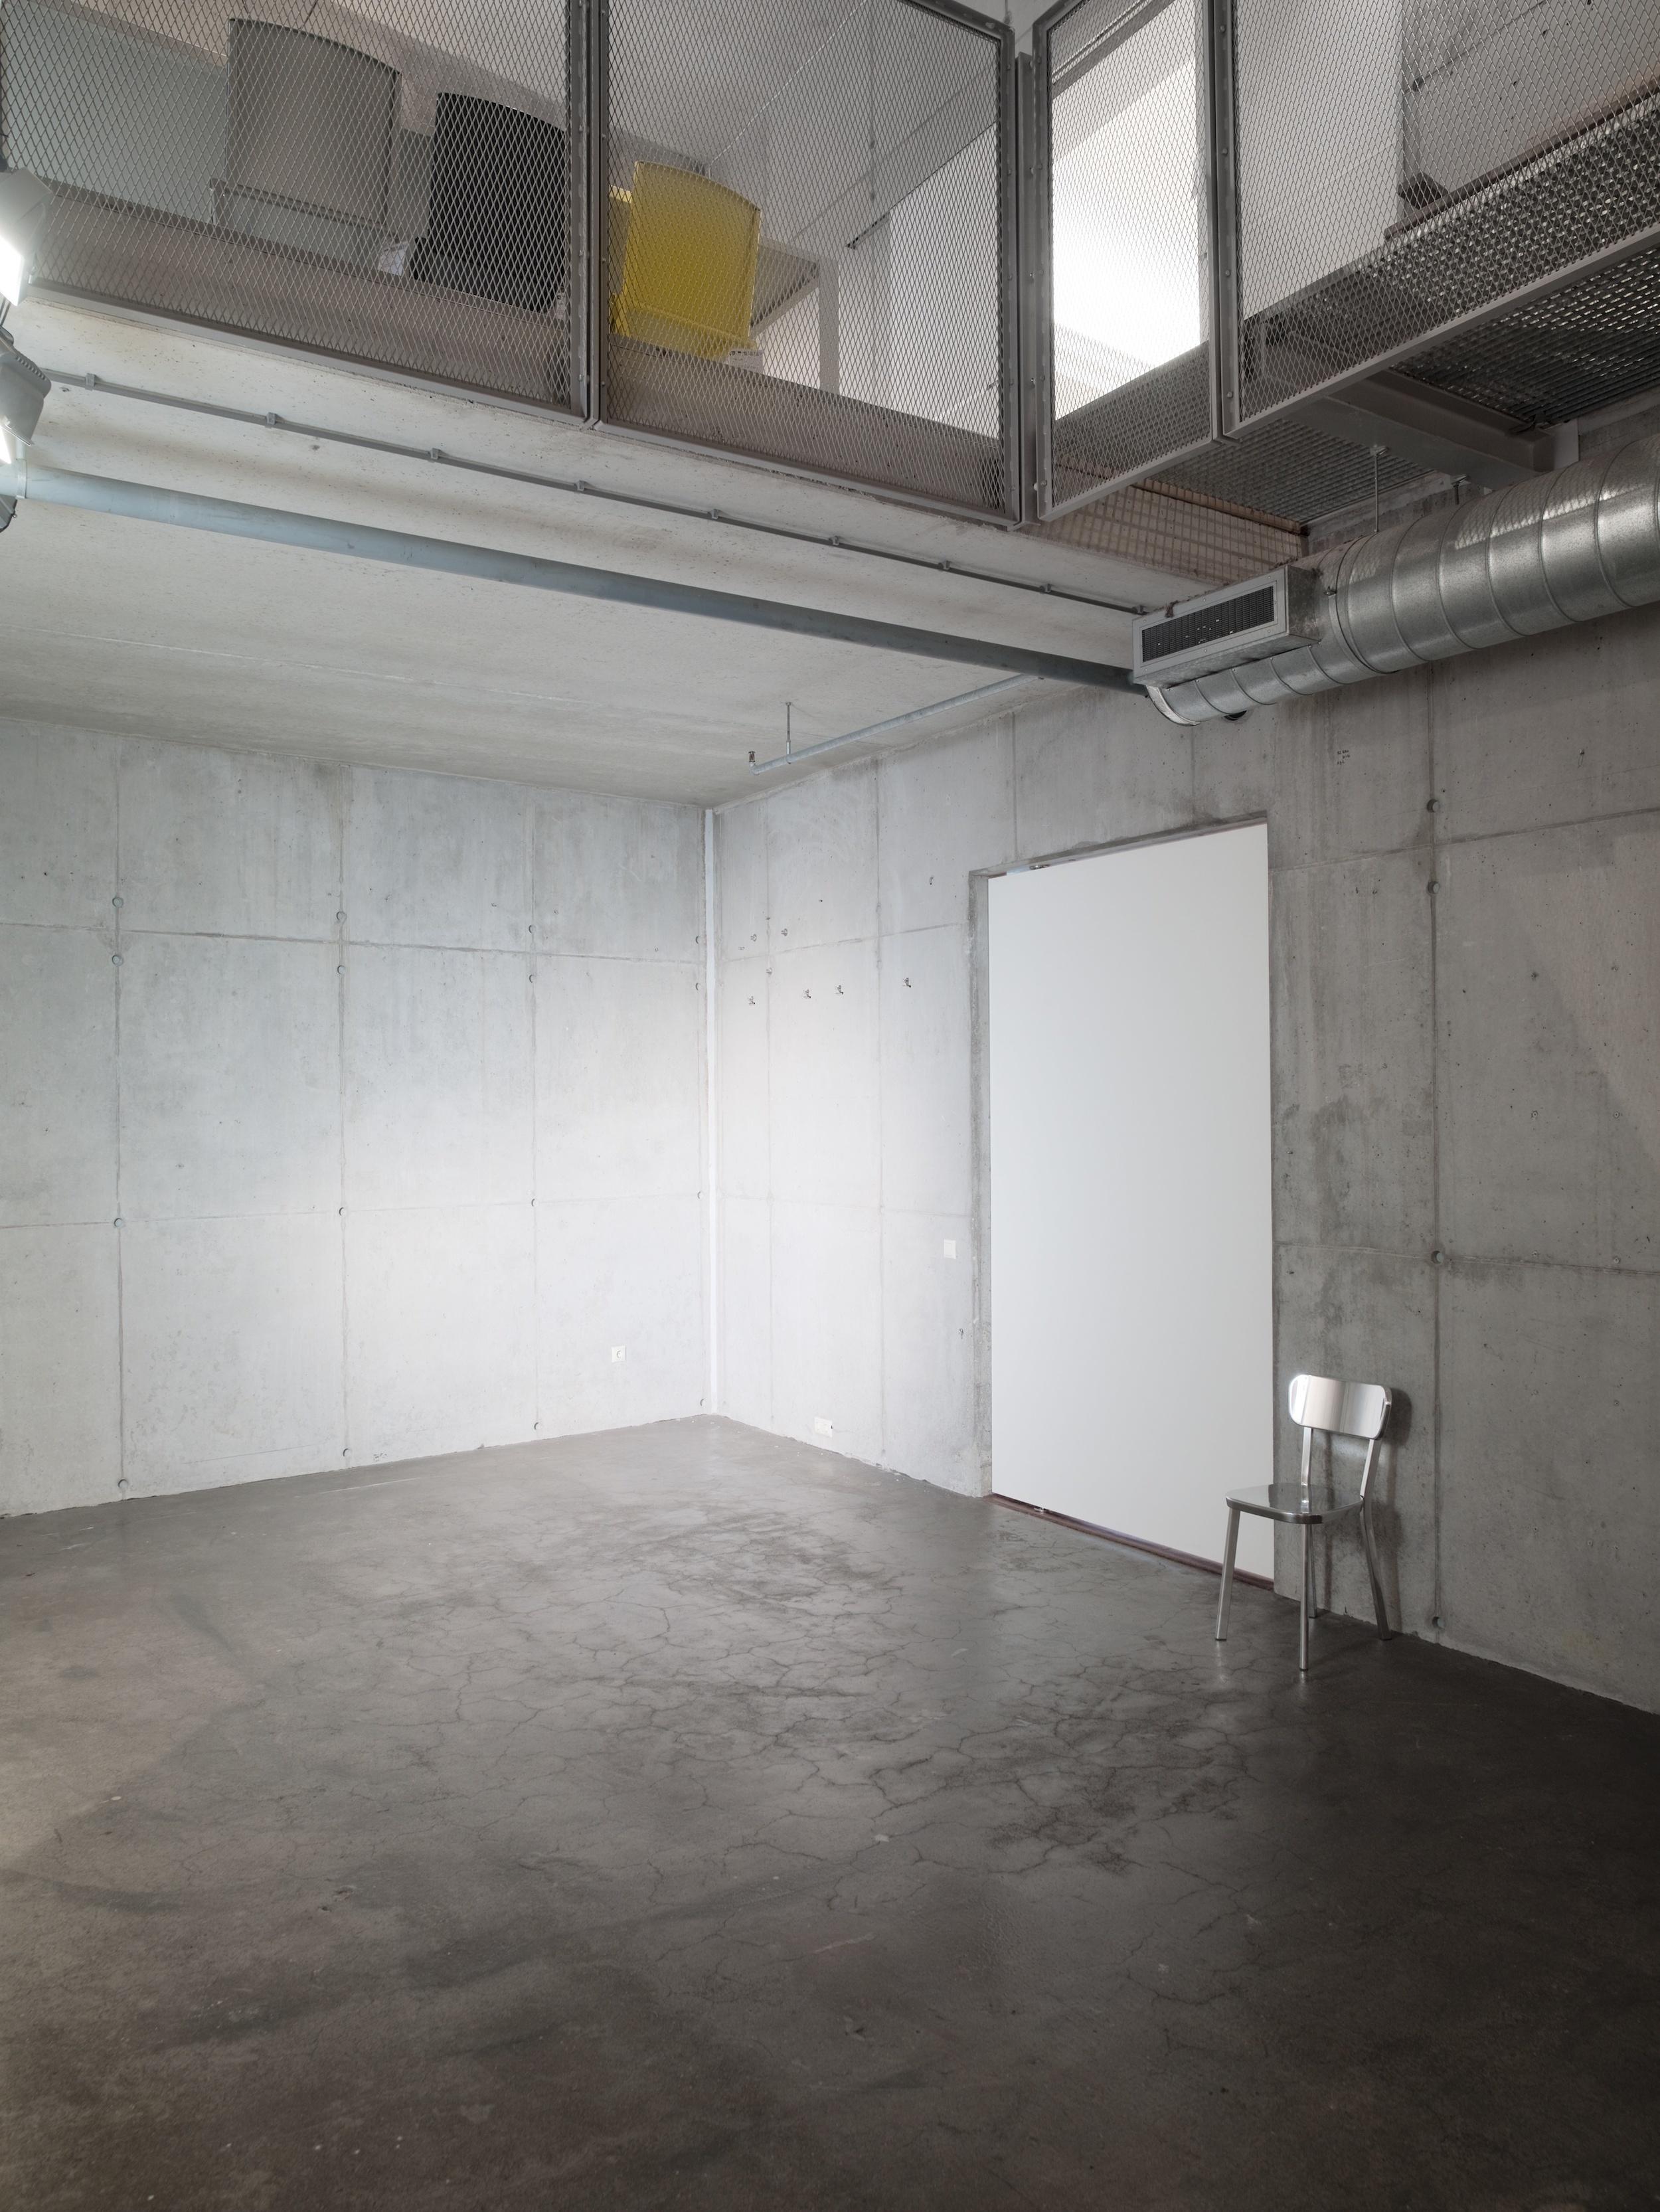 FritsJurgens-Taatsdeur_interieur_013748.jpg